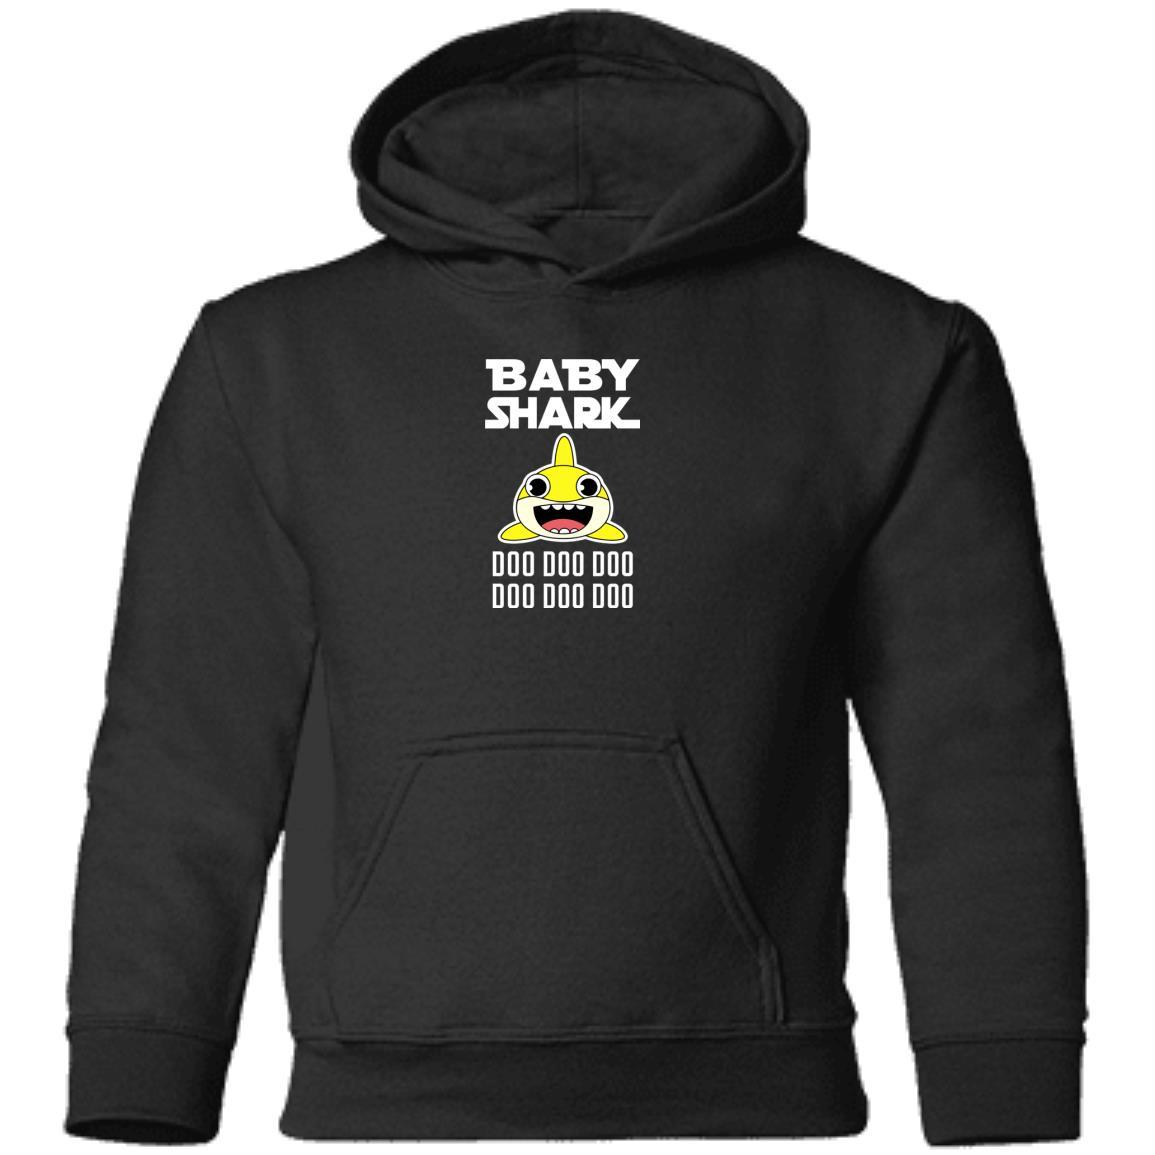 cb65e4535 Baby Shark Doo Doo Doo Toddler T shirt